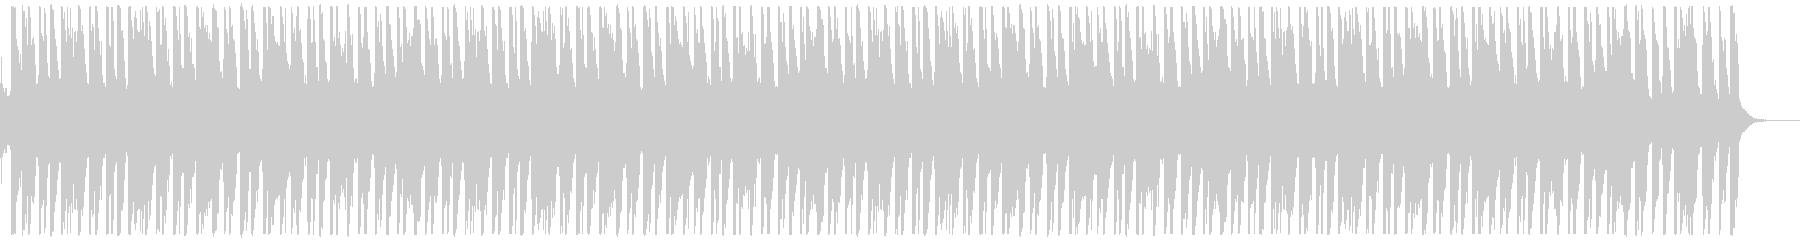 EGタッピング変拍子のノリノリインストの未再生の波形